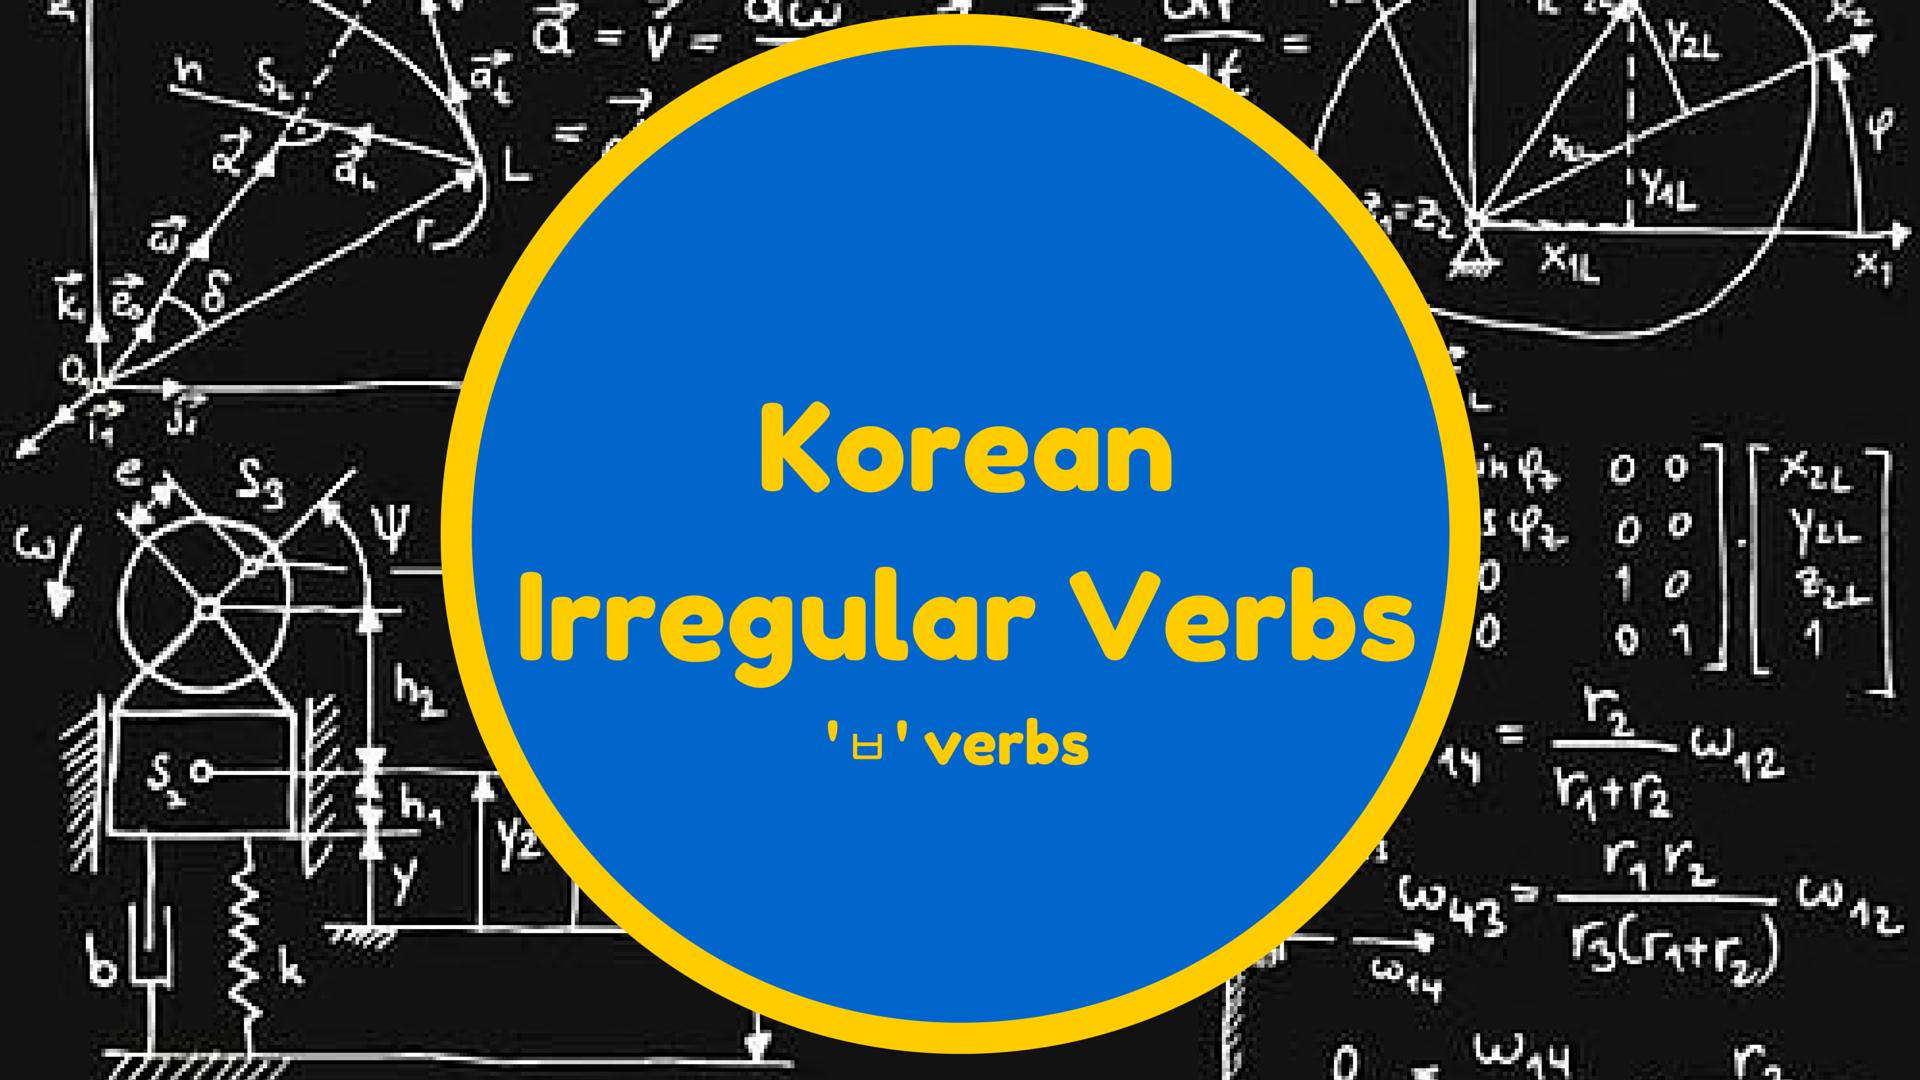 ㅂ Irregular Verbs